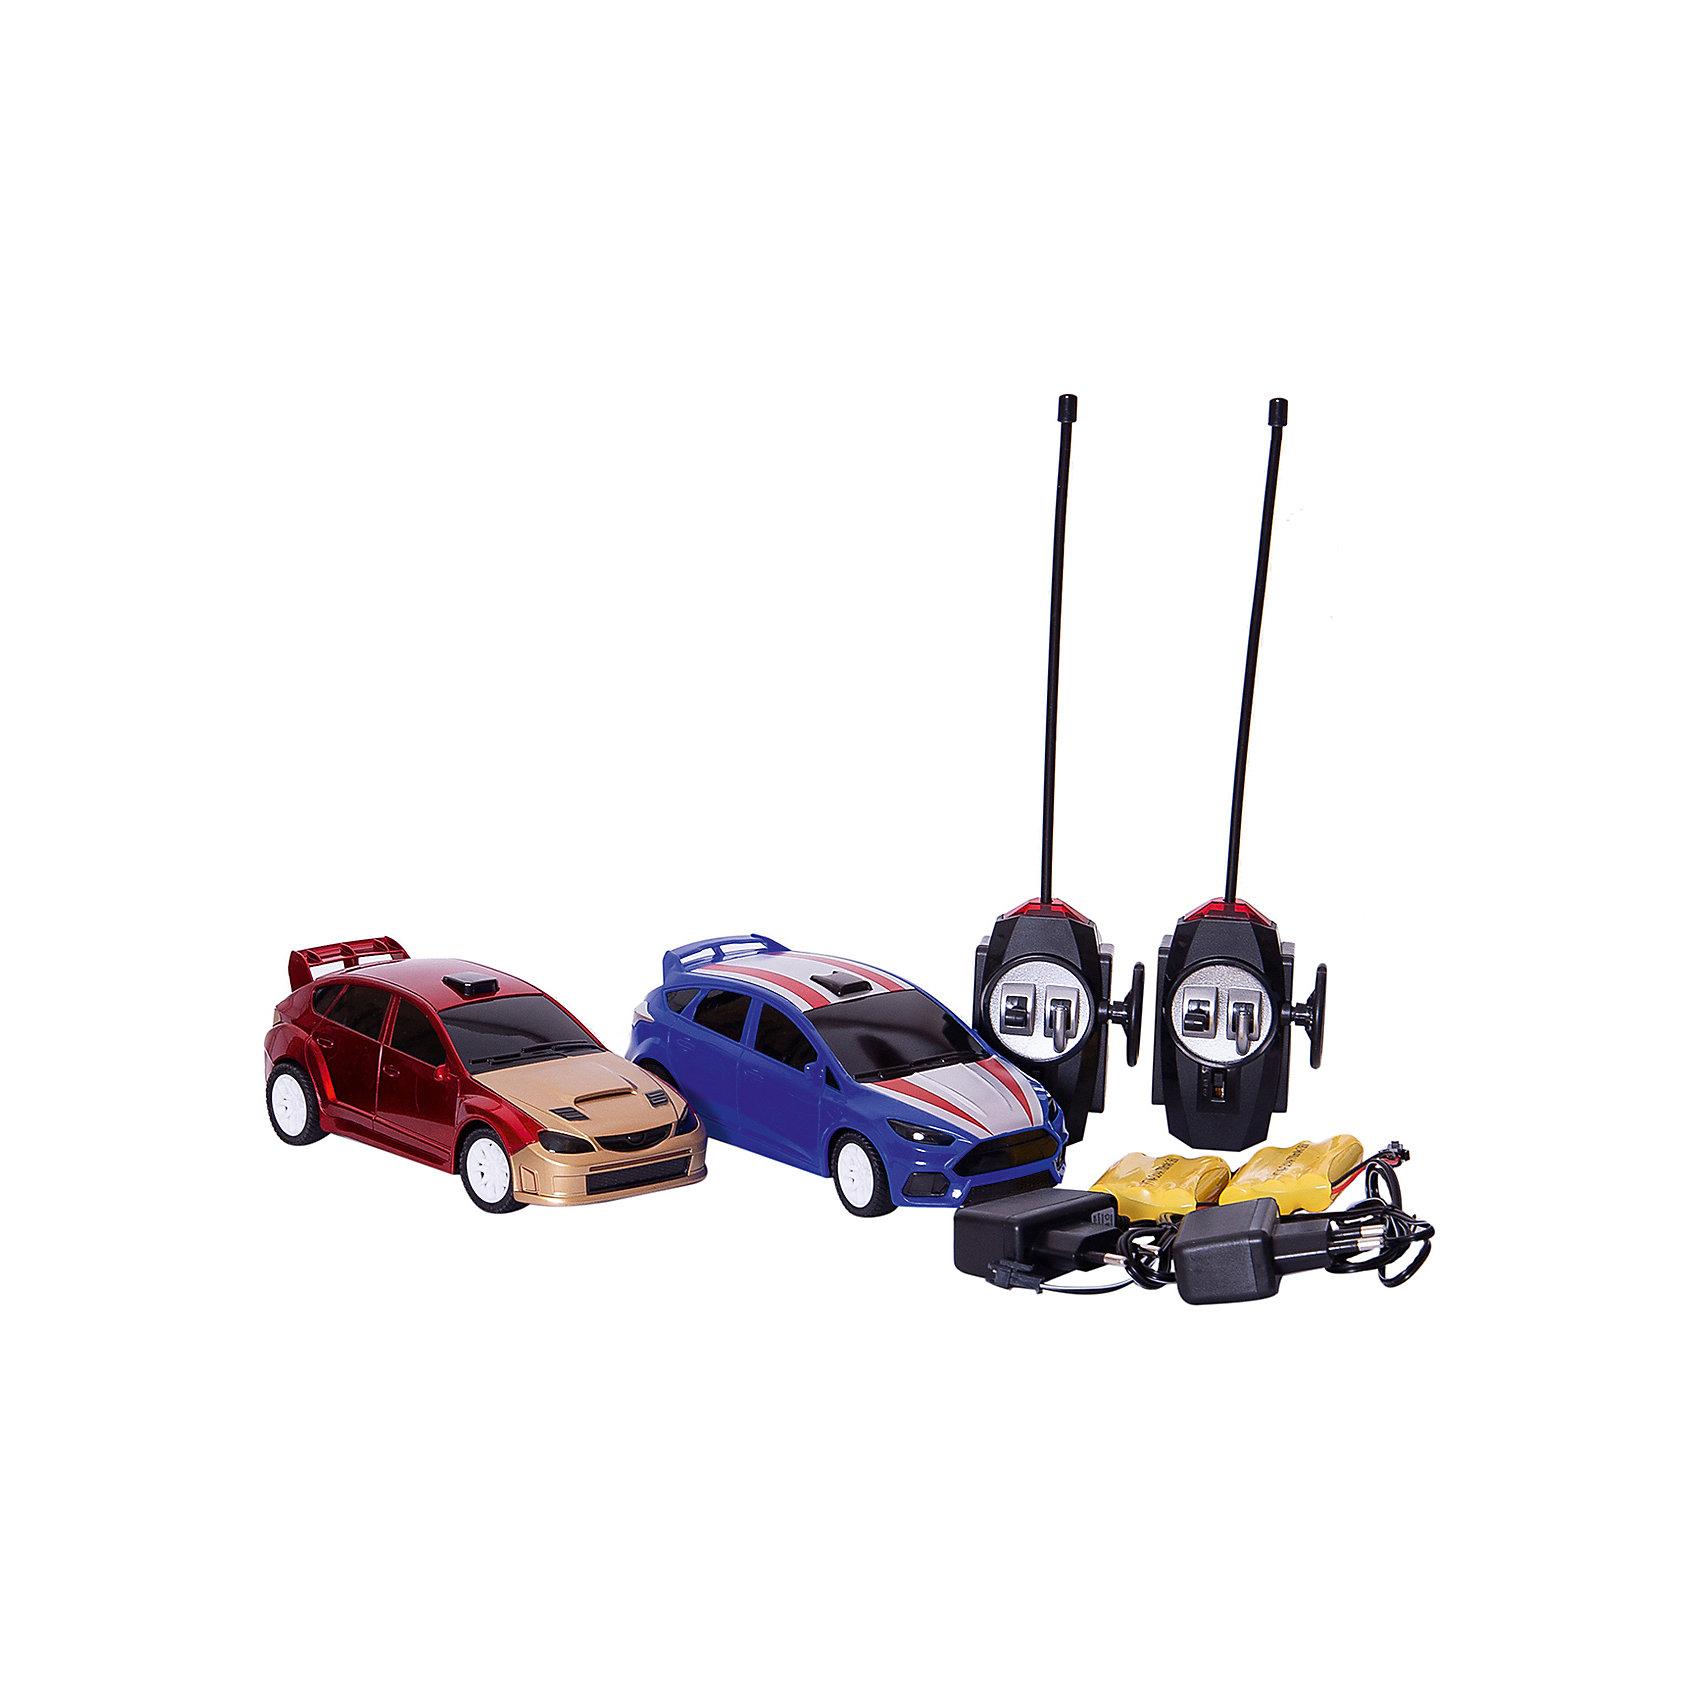 Набор Боевые машины, со световыми эффектами, BlueSeaРадиоуправляемые машины<br>Характеристики товара:<br><br>• возраст: от 6 лет;<br>• материал: пластик, металл;<br>• в комплекте: 2 машины, 2 пульта, зарядное устройство;<br>• тип батареек: 3 батарейки АА;<br>• наличие батареек: в комплект не входят;<br>• размер упаковки: 33х20х14 см;<br>• вес упаковки: 900 гр.;<br>• страна производитель: Китай.<br><br>Набор «Боевые машины» BlueSea со световыми эффектами — набор из 2 радиоуправляемых машинок. Они управляются каждая при помощи своего пульта управления и могут ездить в разных направлениях. С помощью машинок можно устроить захватывающие гонки, а также сражение, в котором победит машинка, которая перевернет другую.<br><br>Набор «Боевые машины» BlueSea со световыми эффектами можно приобрести в нашем интернет-магазине.<br><br>Ширина мм: 320<br>Глубина мм: 200<br>Высота мм: 140<br>Вес г: 900<br>Возраст от месяцев: 36<br>Возраст до месяцев: 168<br>Пол: Унисекс<br>Возраст: Детский<br>SKU: 6883993